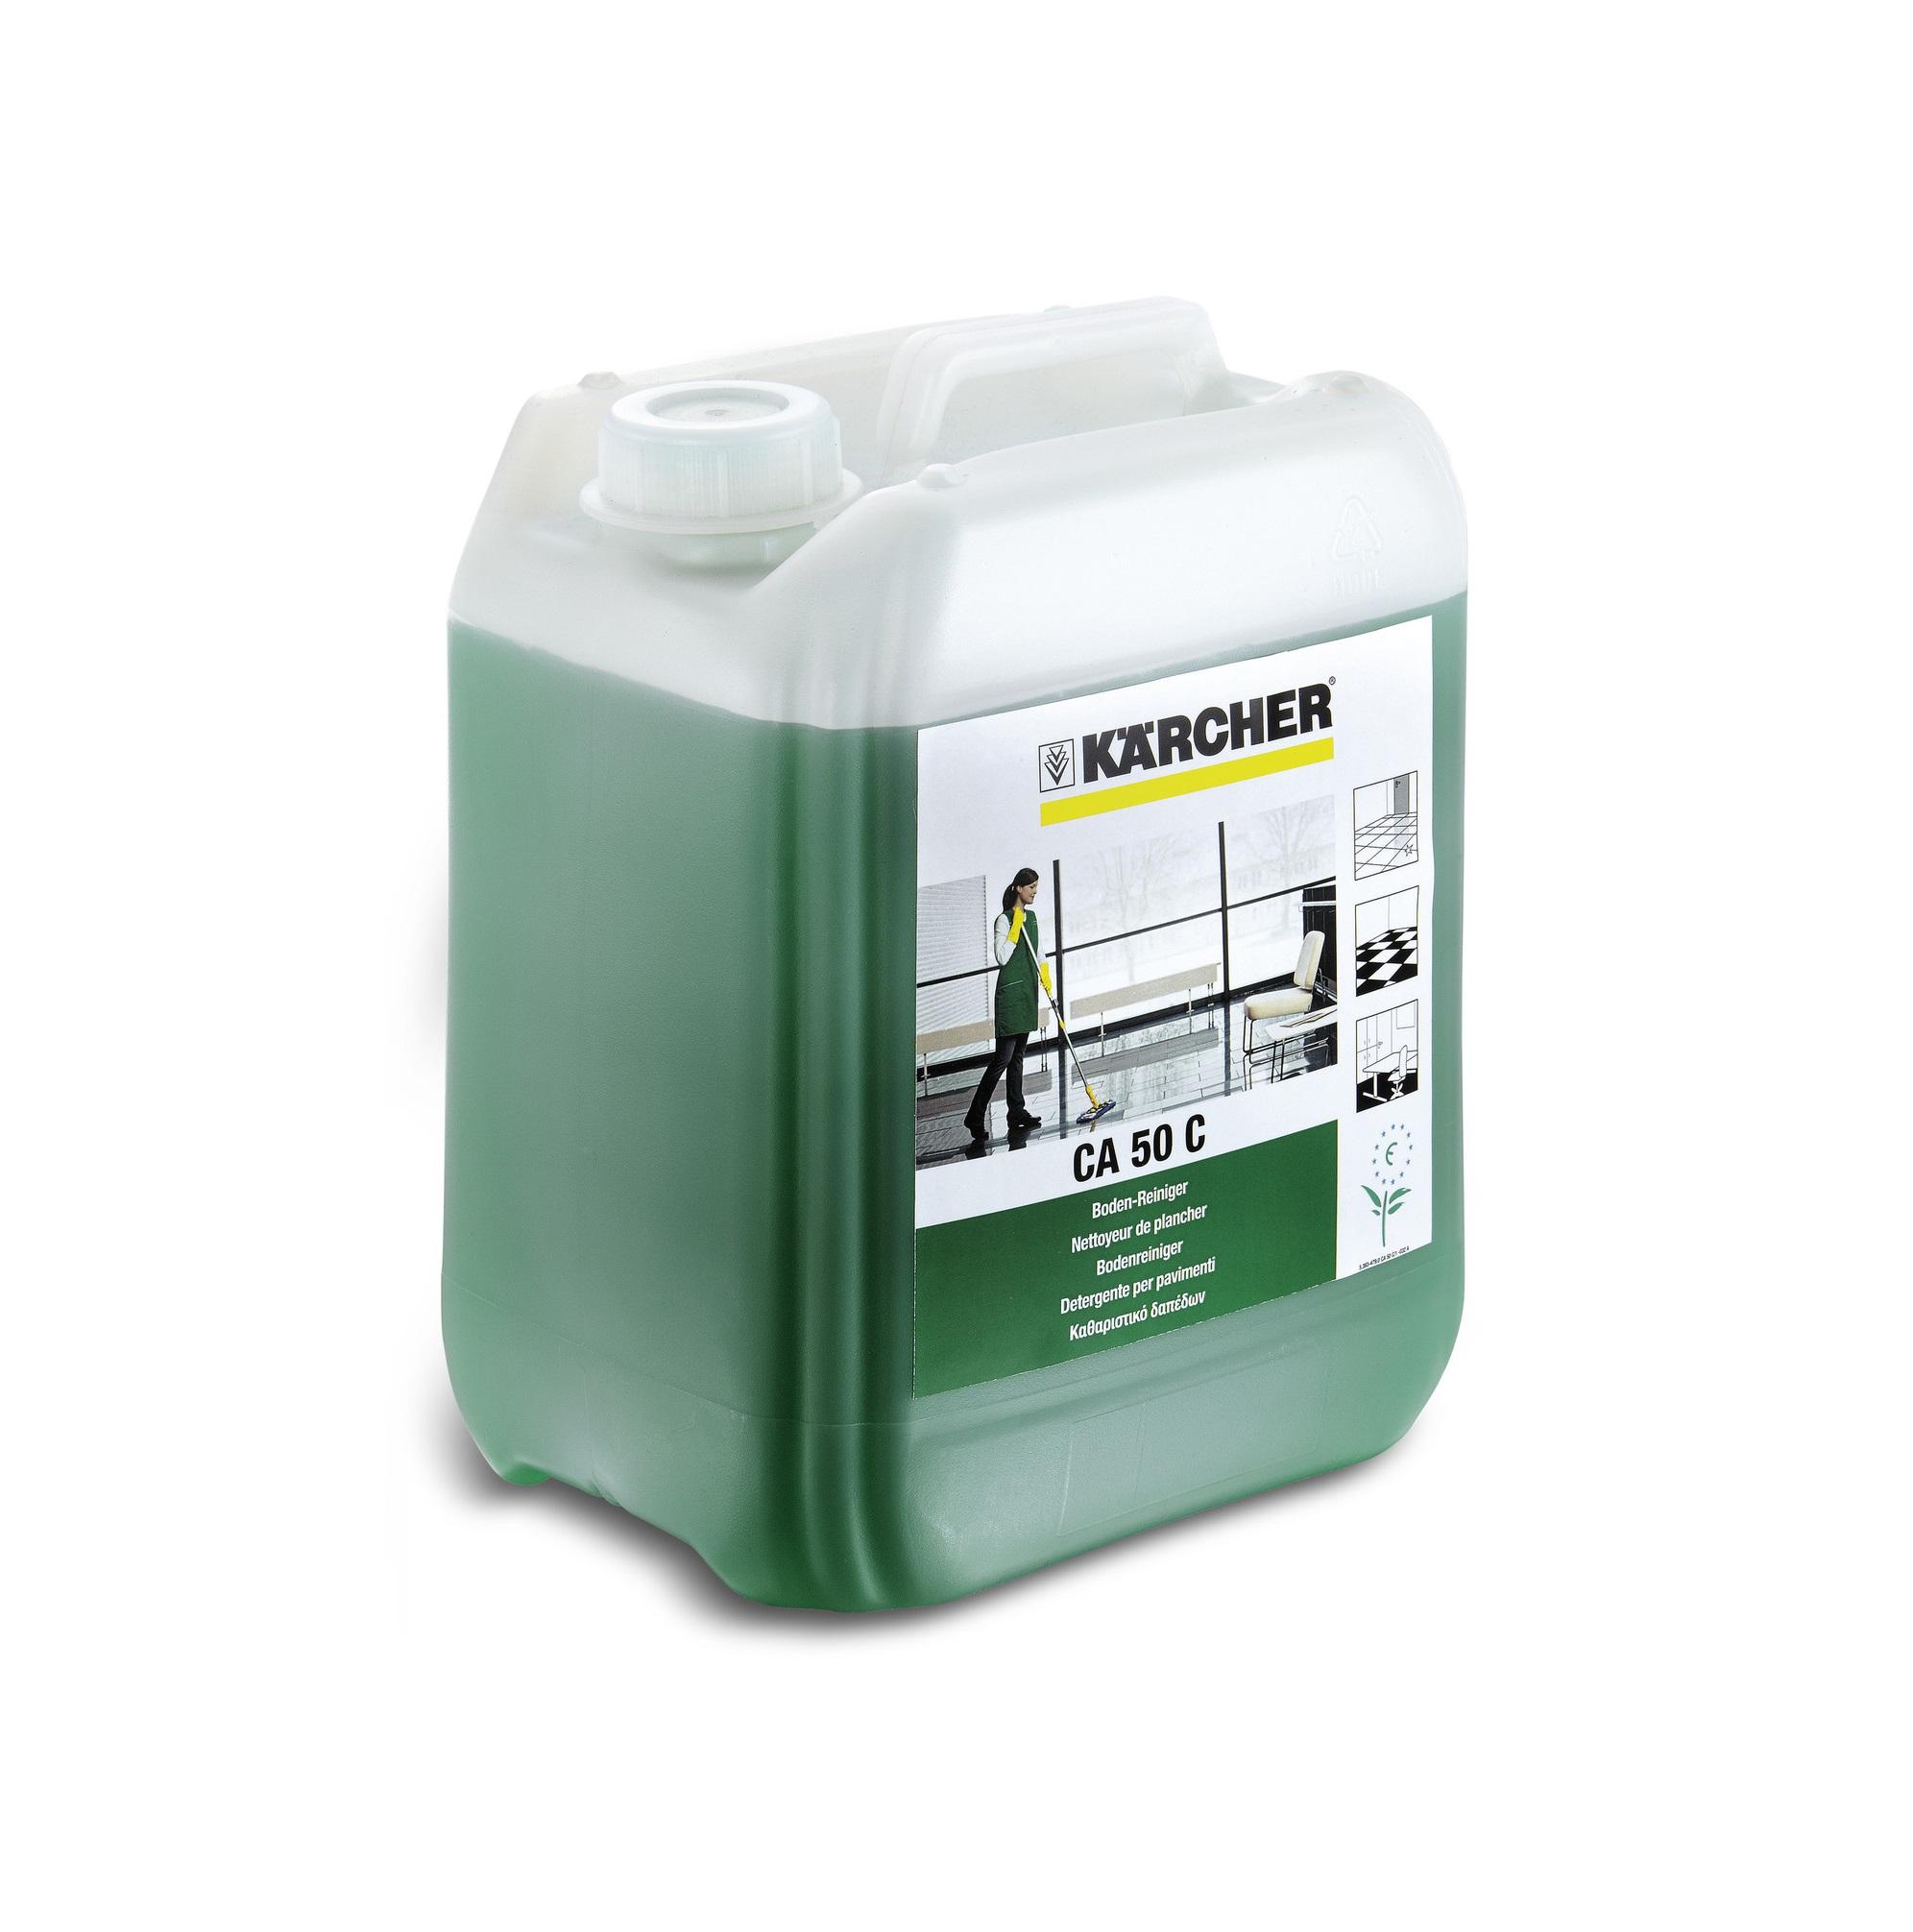 Почистващ препарат за подови настилки Karcher CA 50 C - 5л